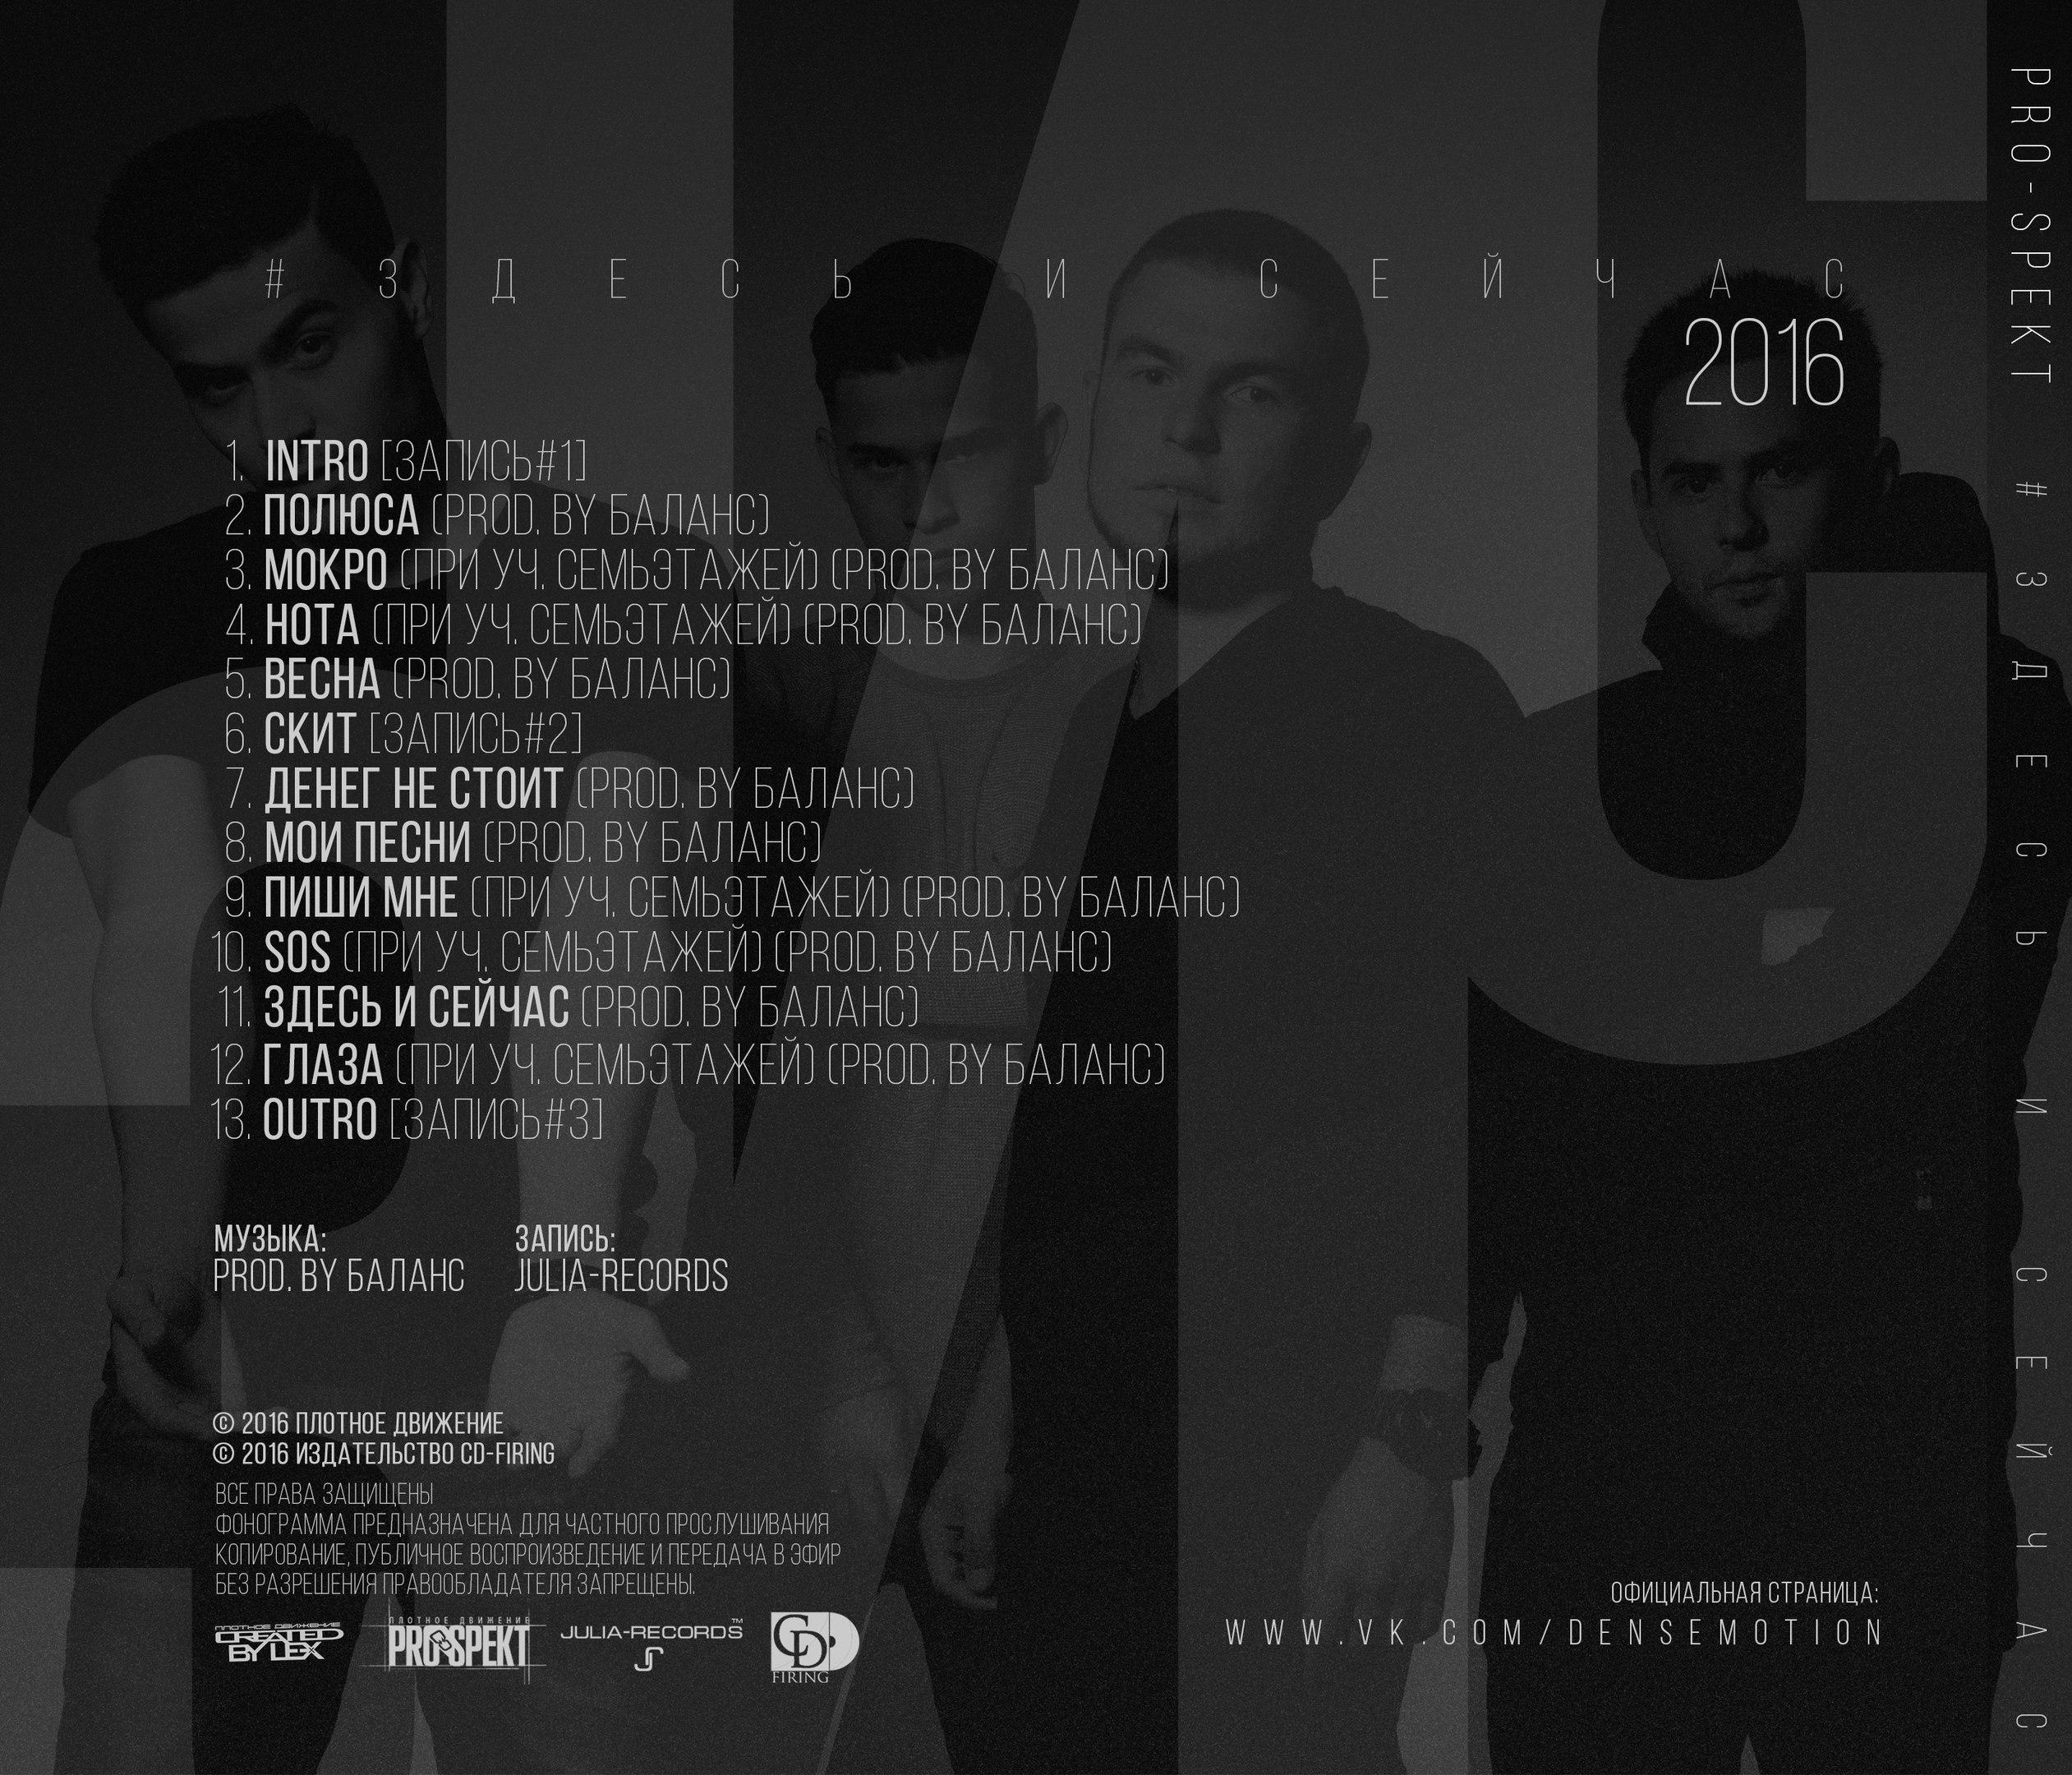 PRO-SPEKT - Здесь и сейчас (2016) (задняя обложка)